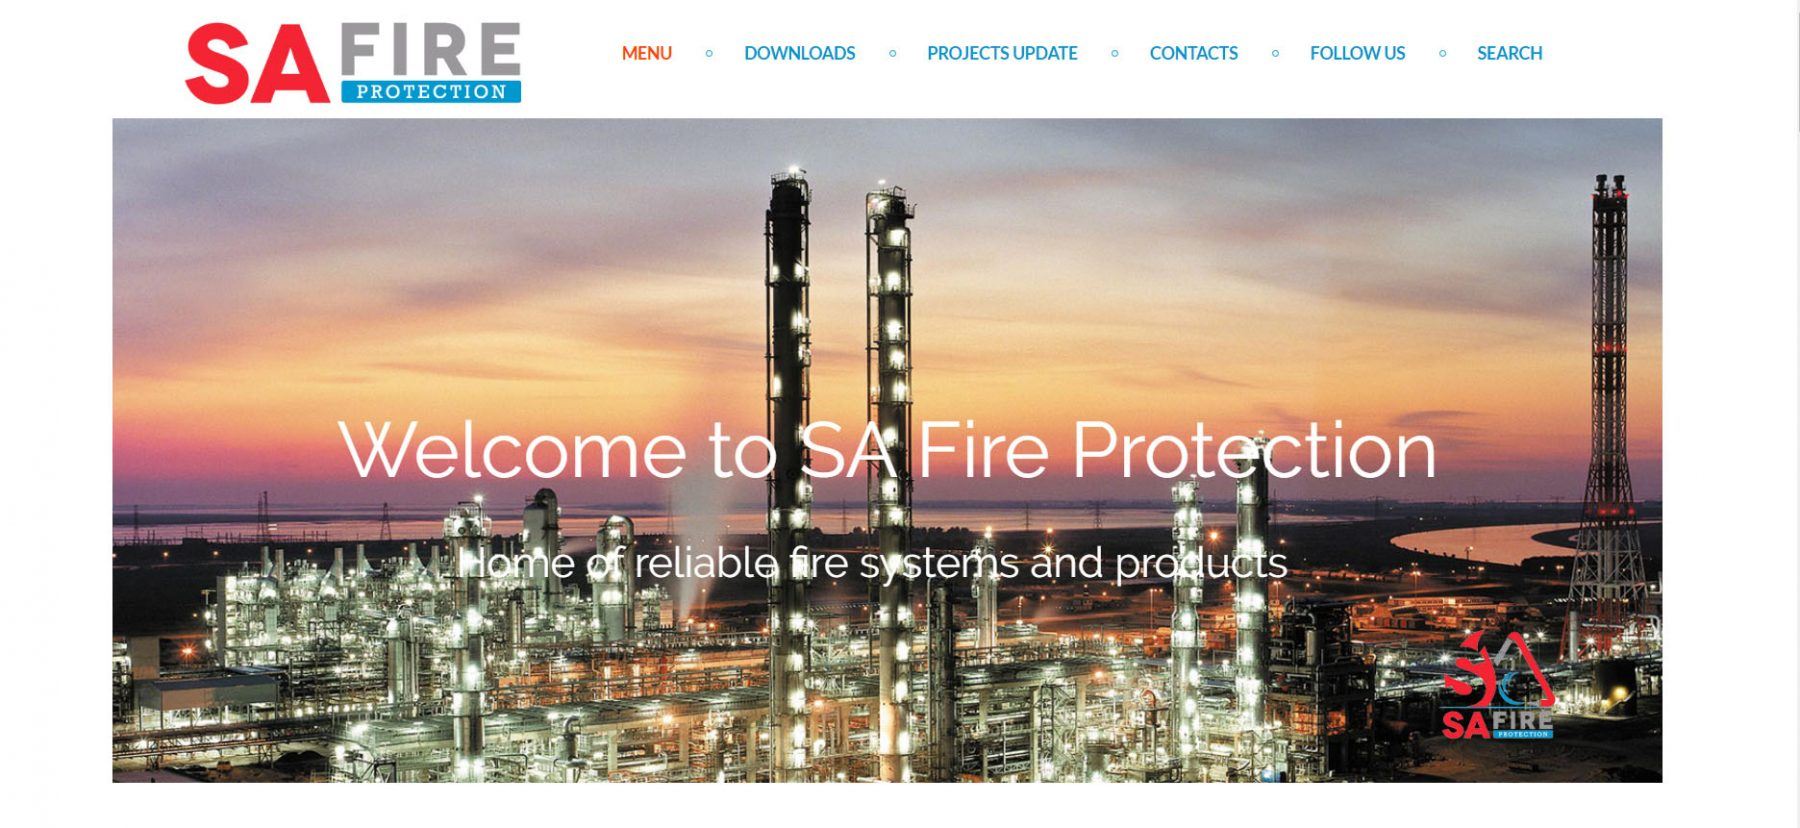 SA Fire Protection, restyle del nuovo sito web curato da OFG Advertising